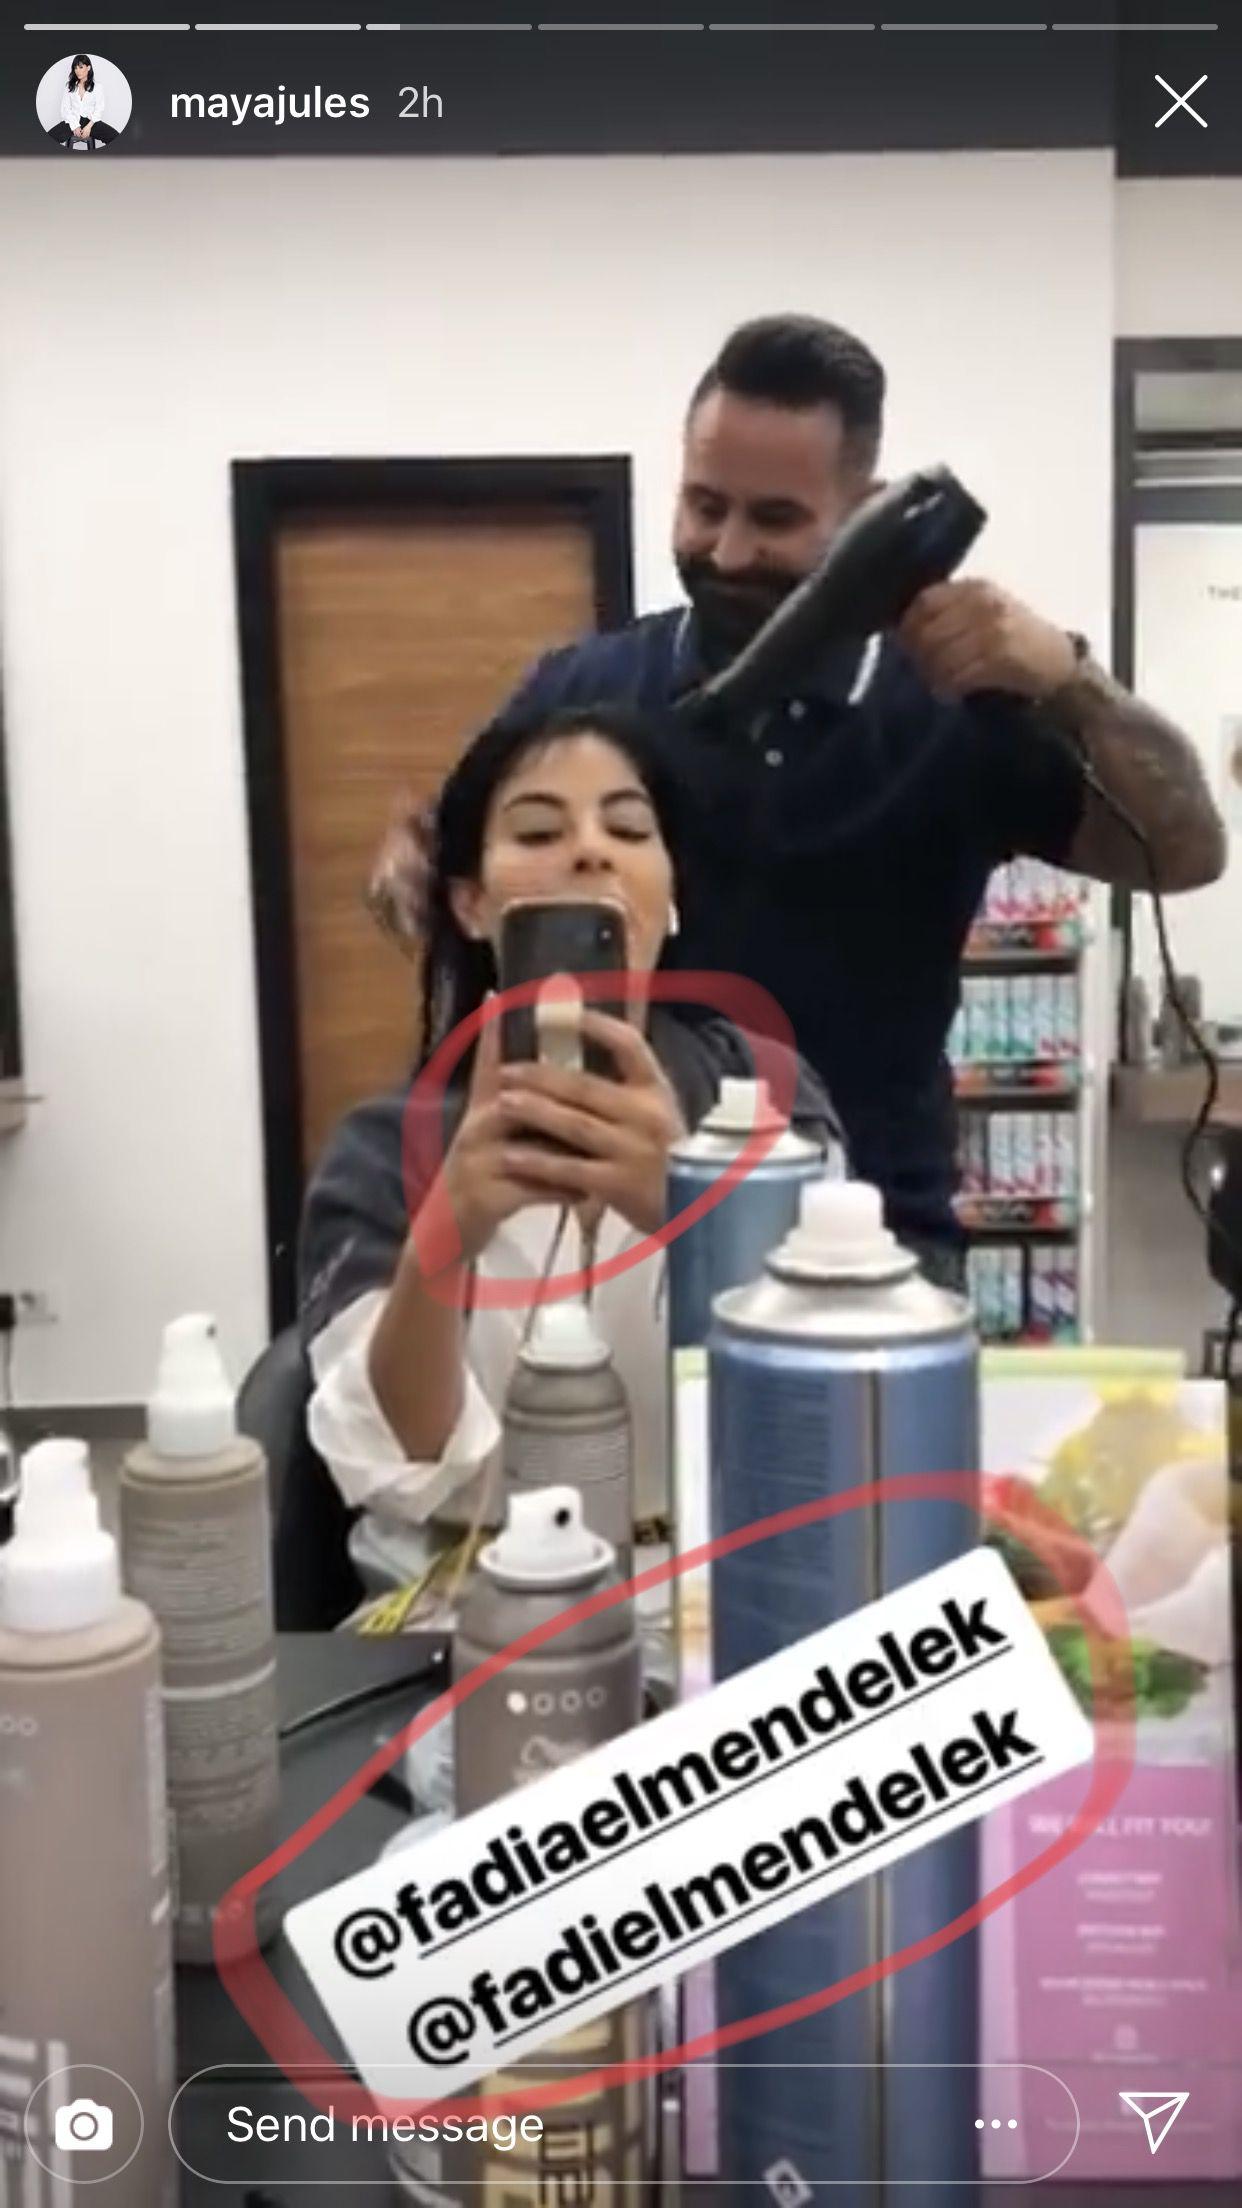 مايا حداد تنشر بعد دقائق صورة لها من صالون فاديا مندلق وراقبوا لون طلاء الأظافر